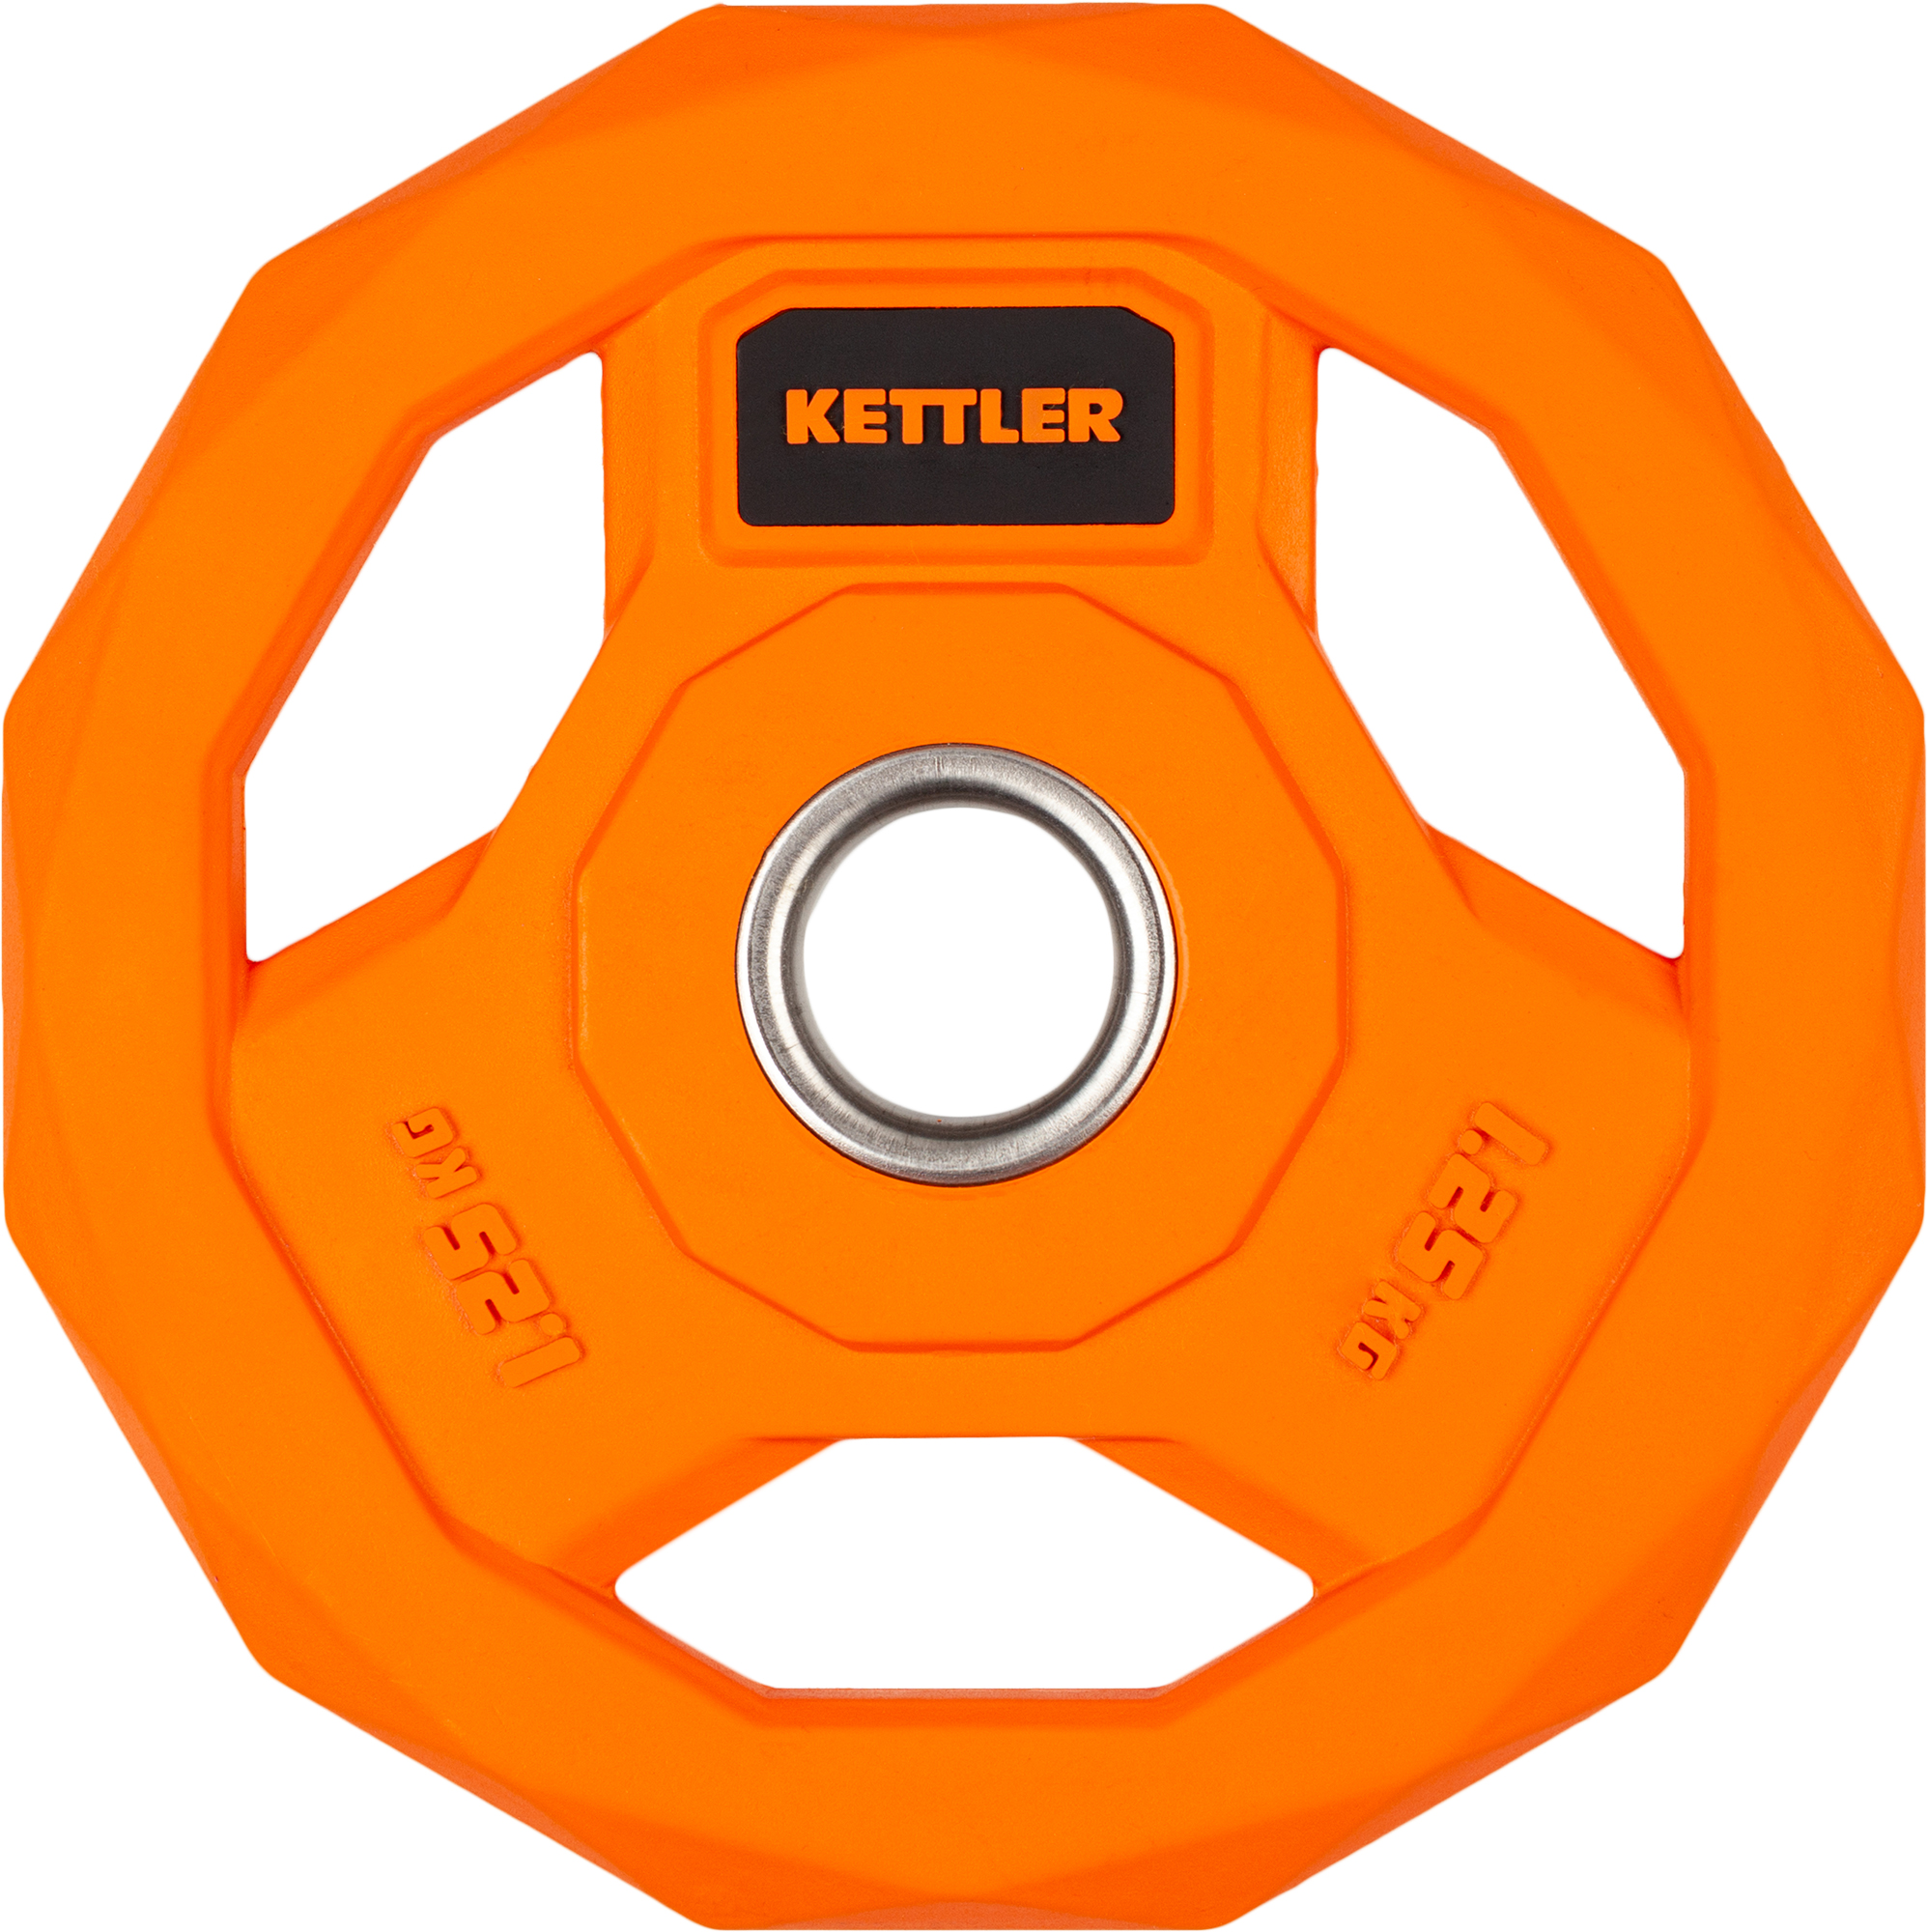 Kettler Блин стальной обрезиненный Kettler 1,25 кг дополнительная деталь всадник kettler basic 8382 920